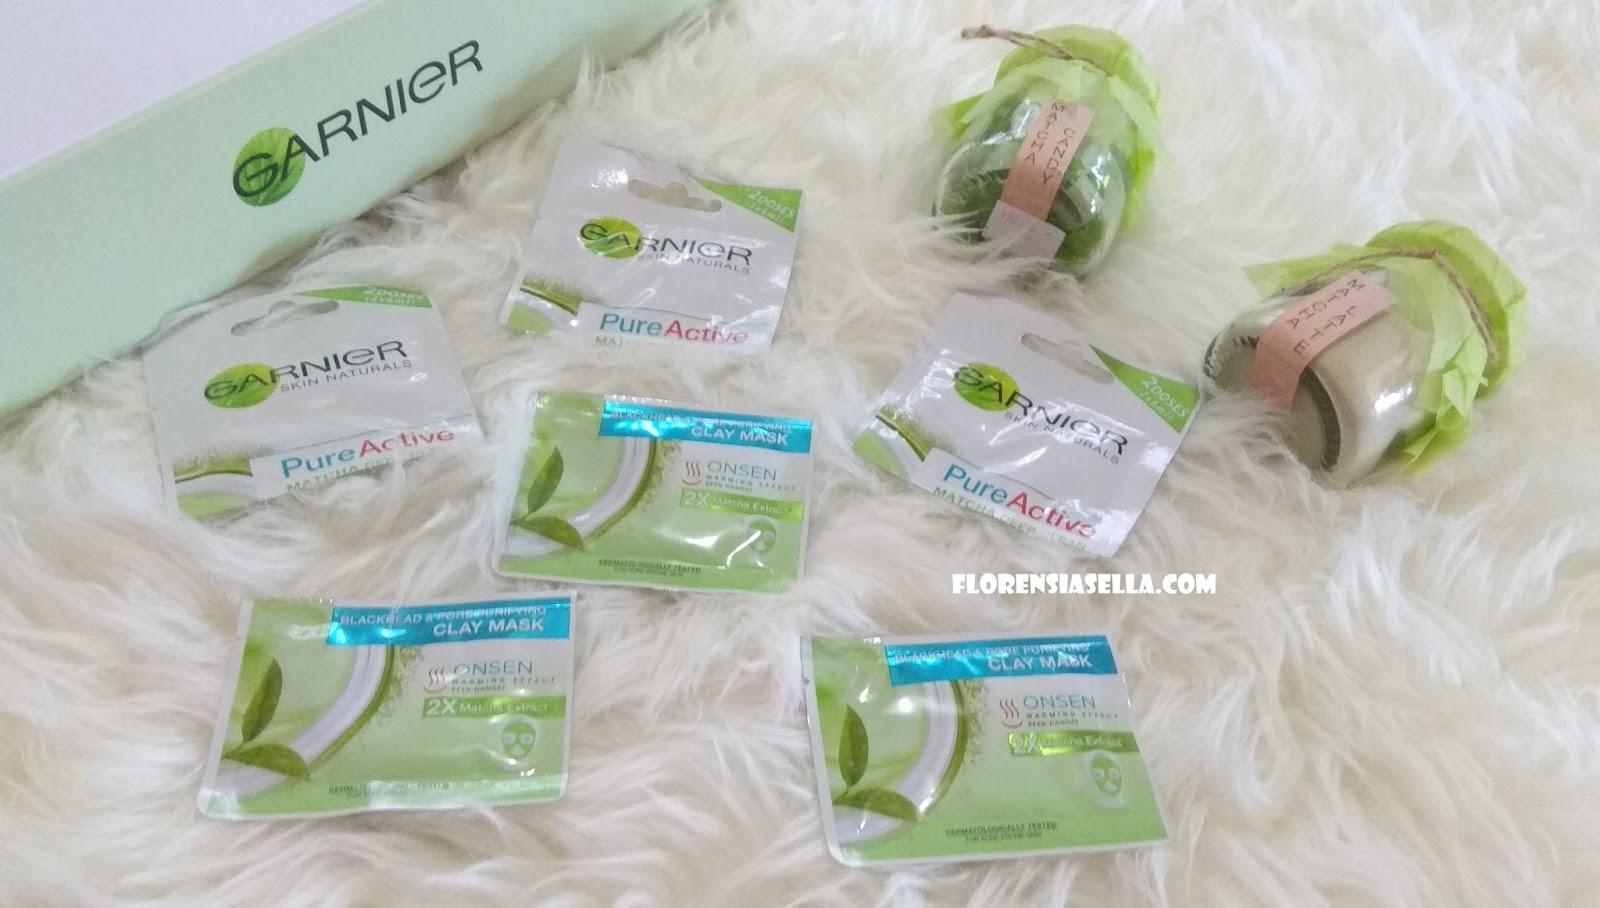 Garnier Pure Active Masker Clay Matcha Daftar Harga Terbaru Dan Deep Clean 50ml Nah Packaging Blackhead Pore Purifying Mask Ini